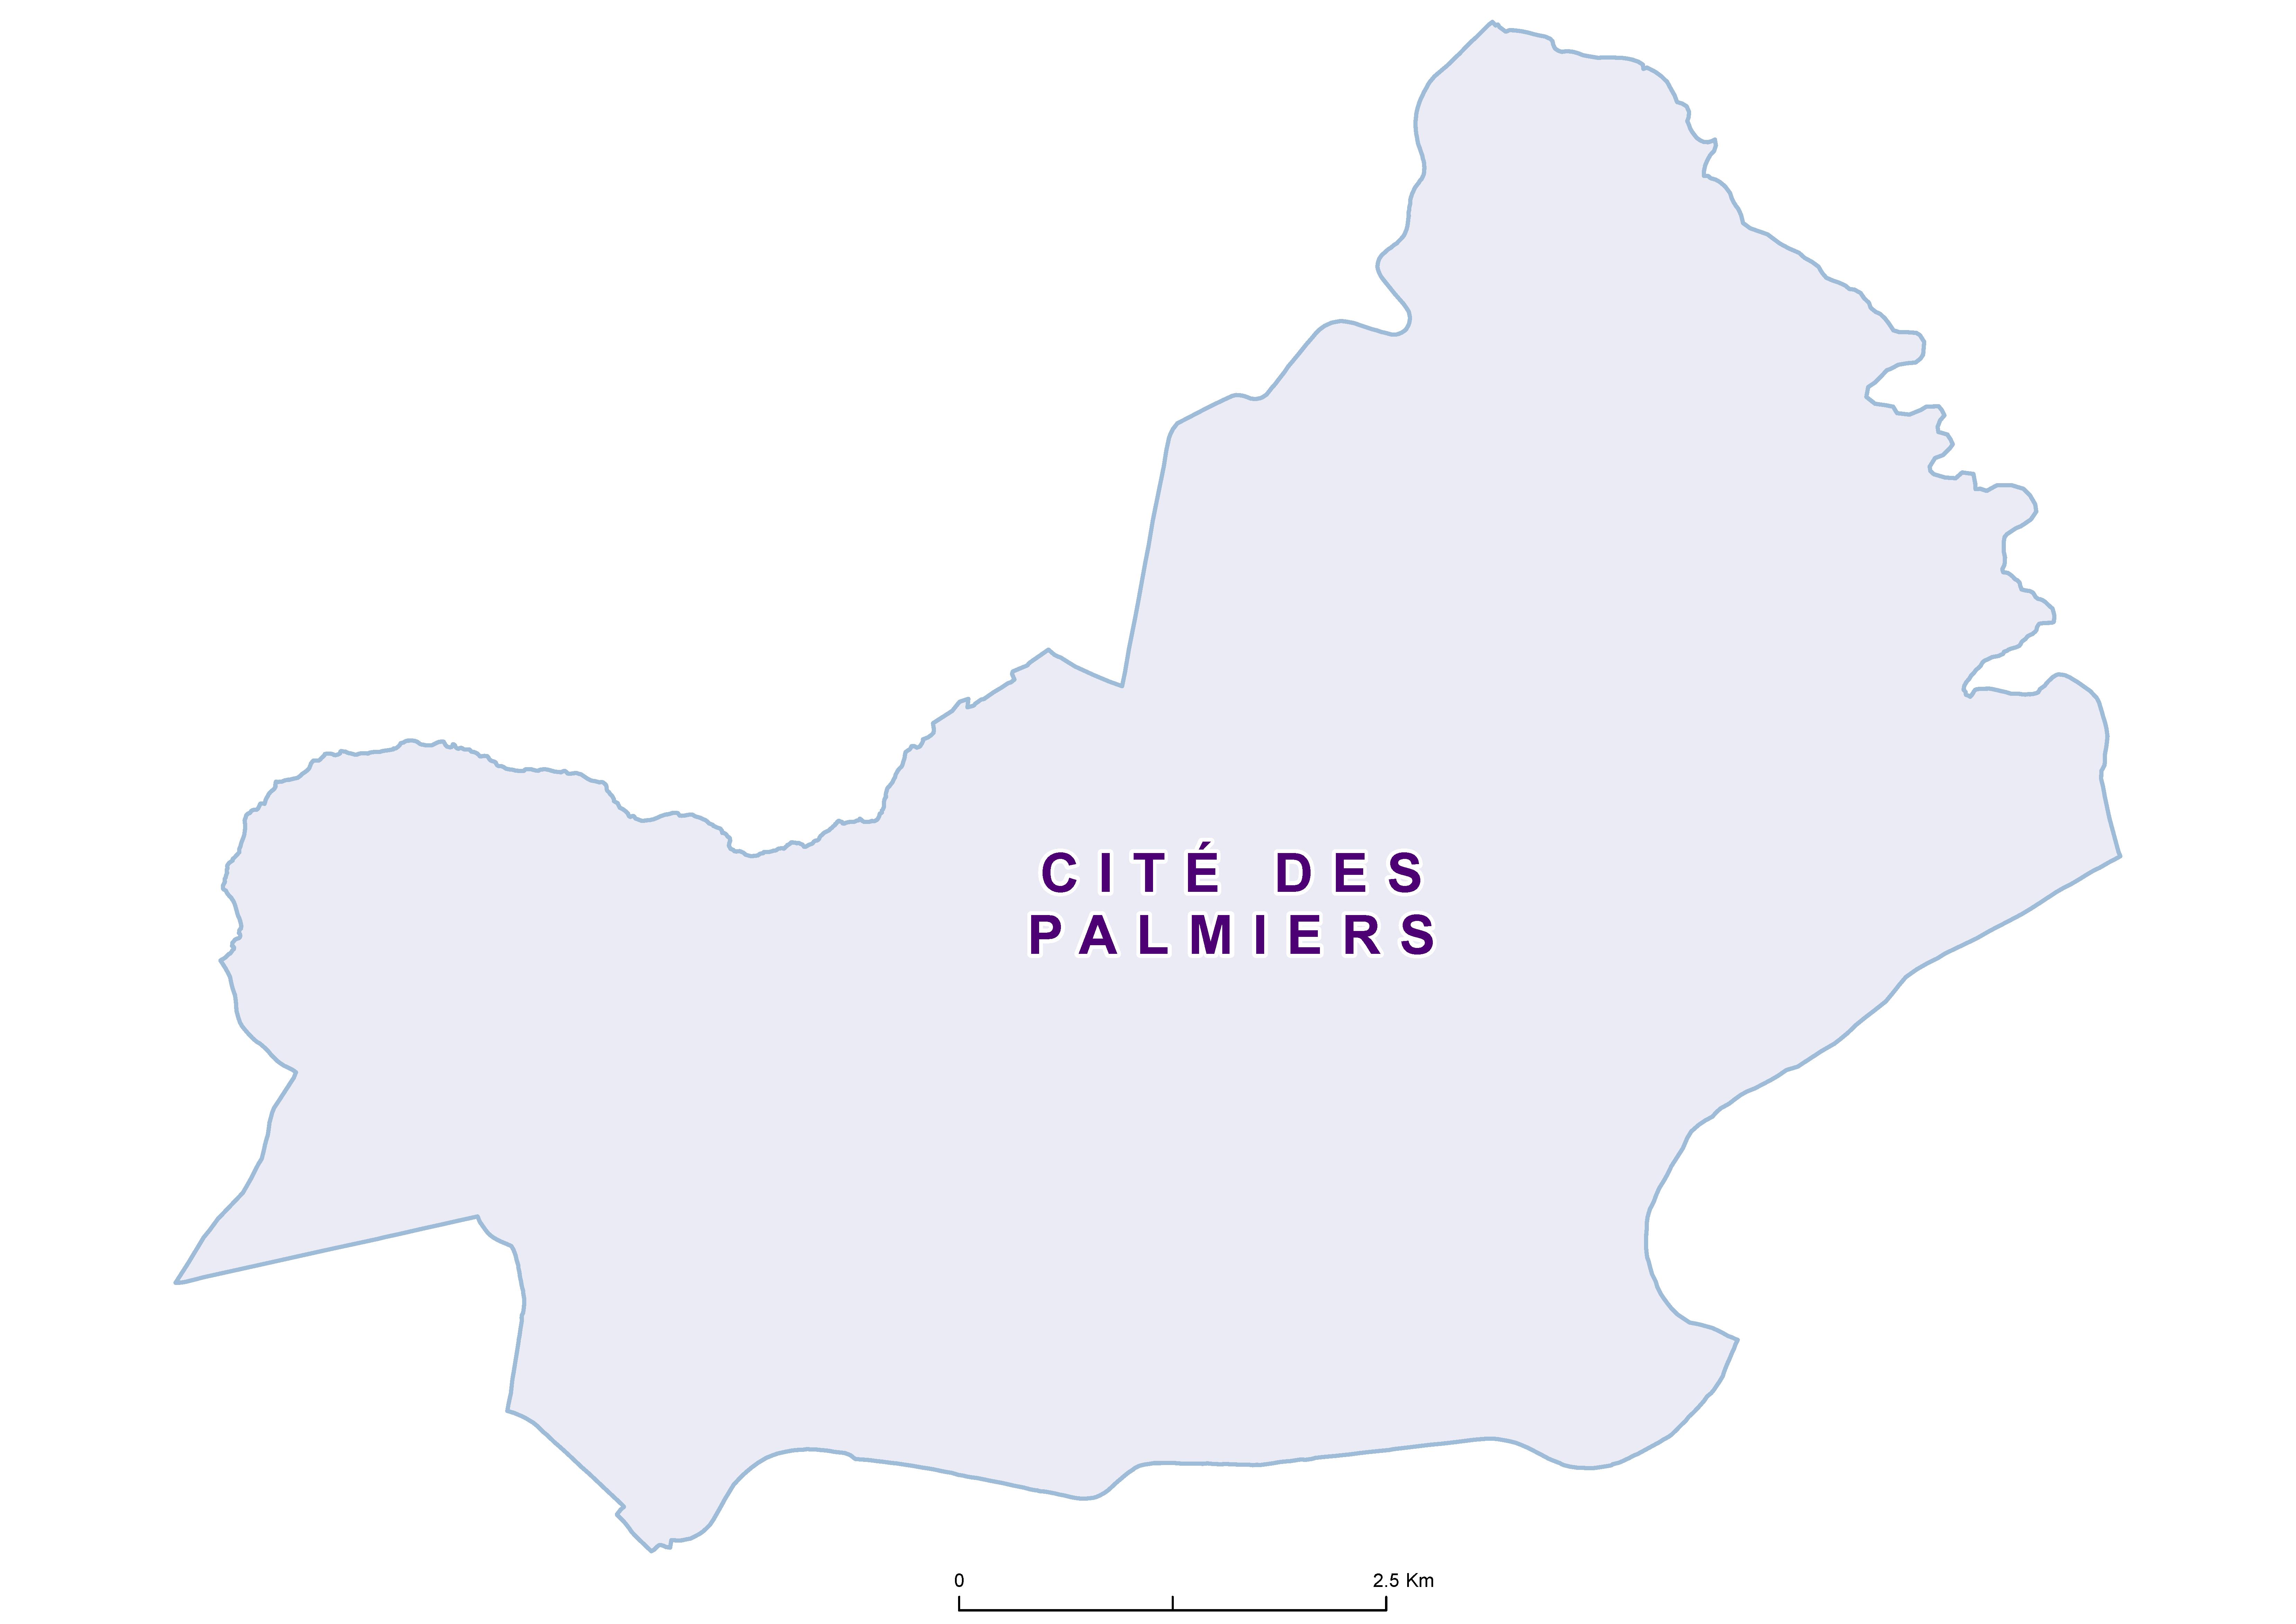 Cité des palmiers Max SCH 20180001